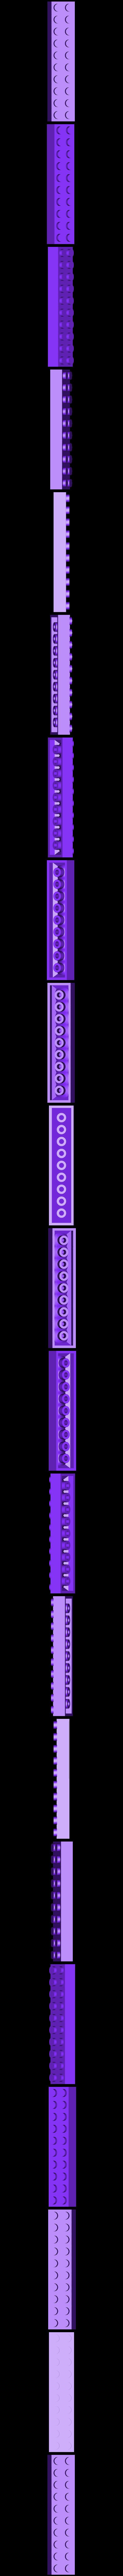 2x10brick.STL Télécharger fichier STL gratuit Blocs de lettres multicolores Lego • Plan pour impression 3D, MosaicManufacturing